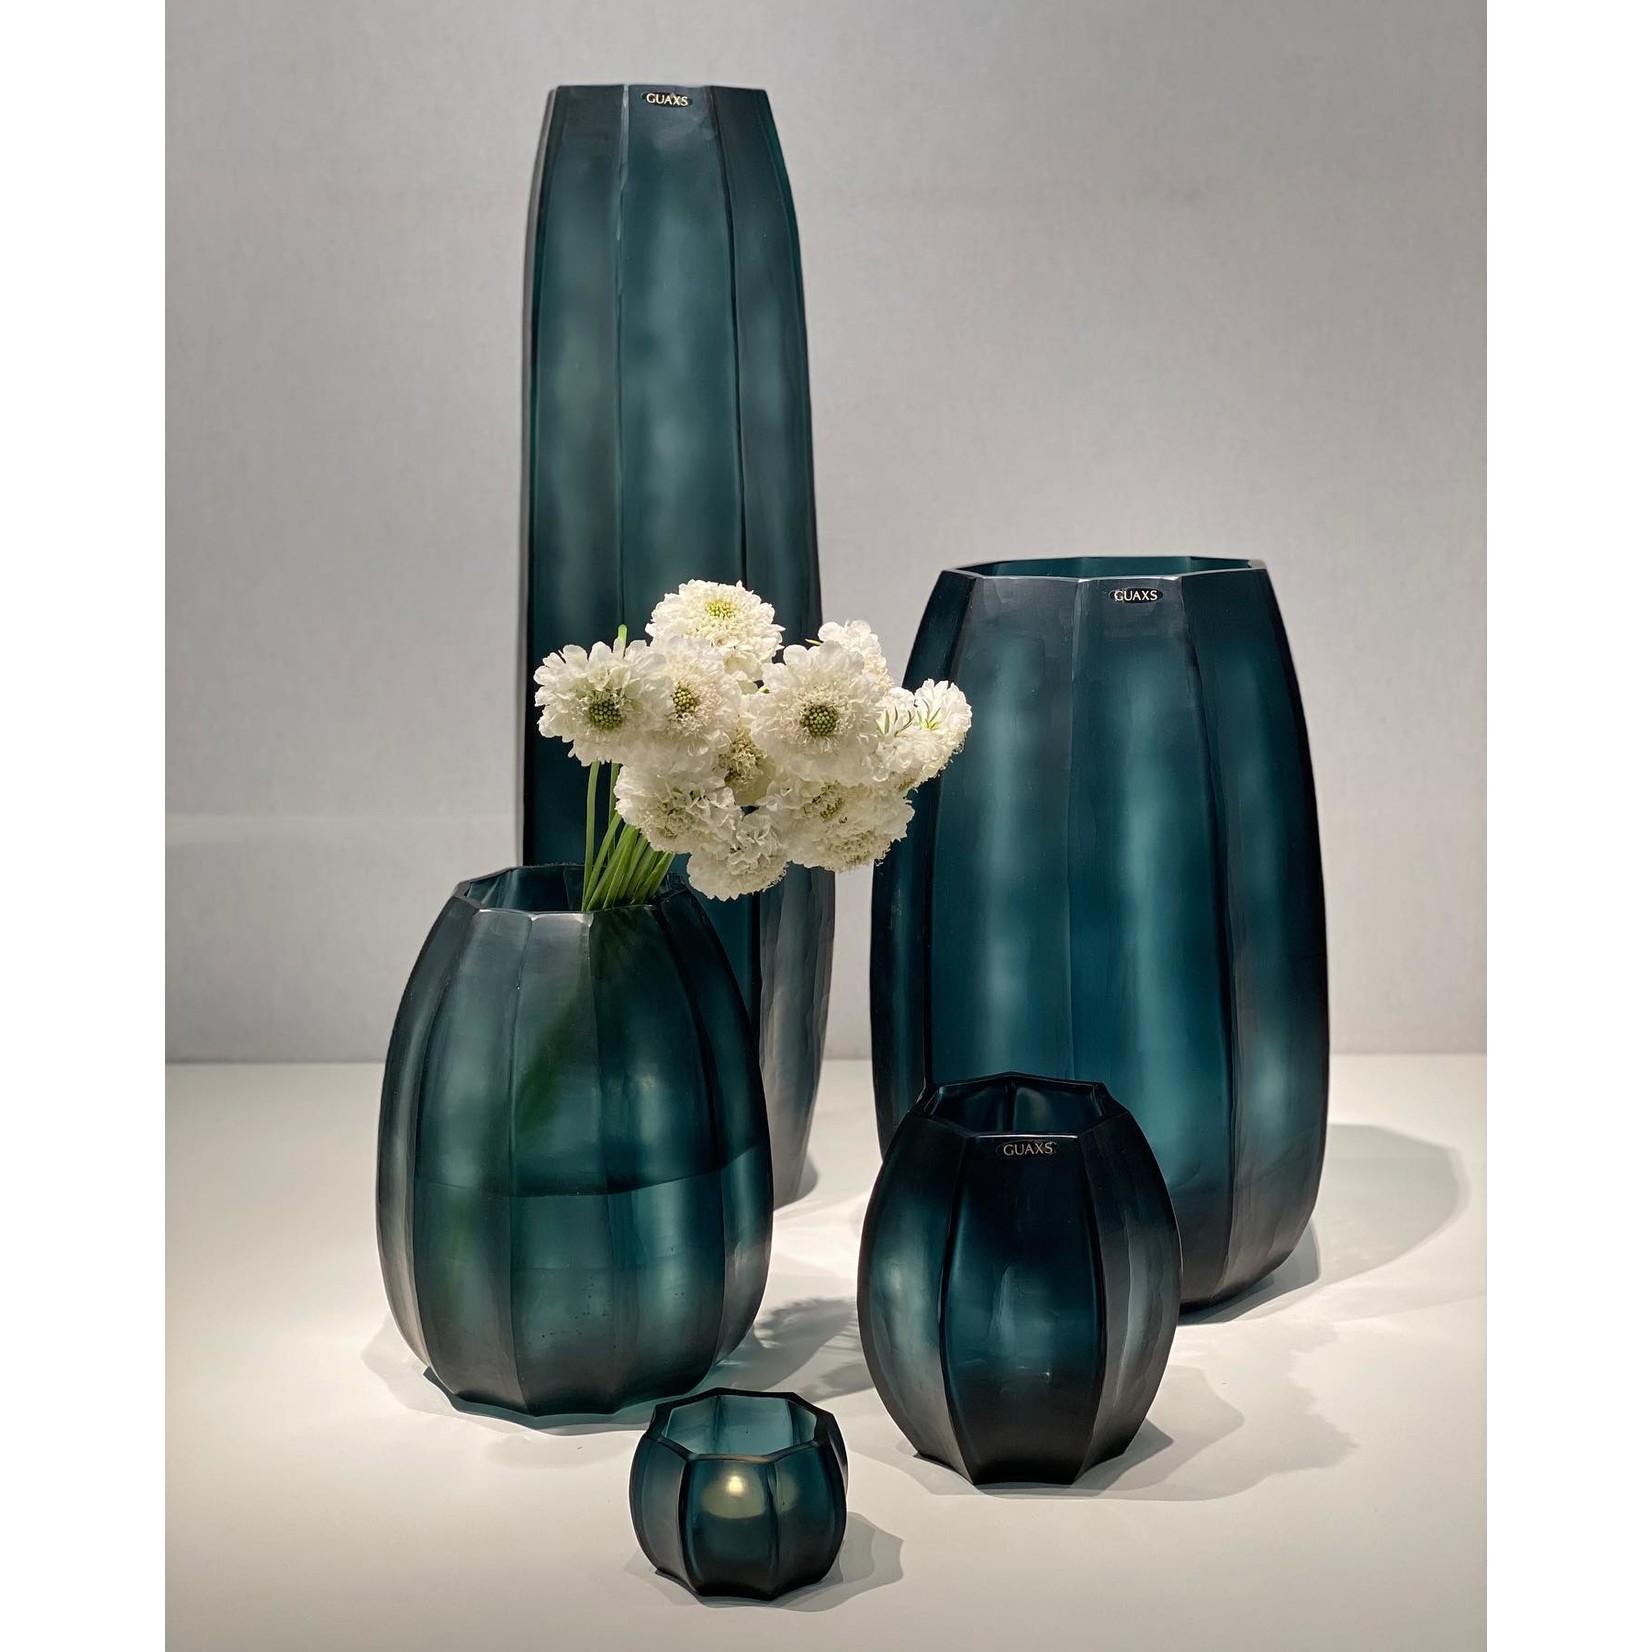 Guaxs Vase Koonam S | Ocean Blue / Indigo